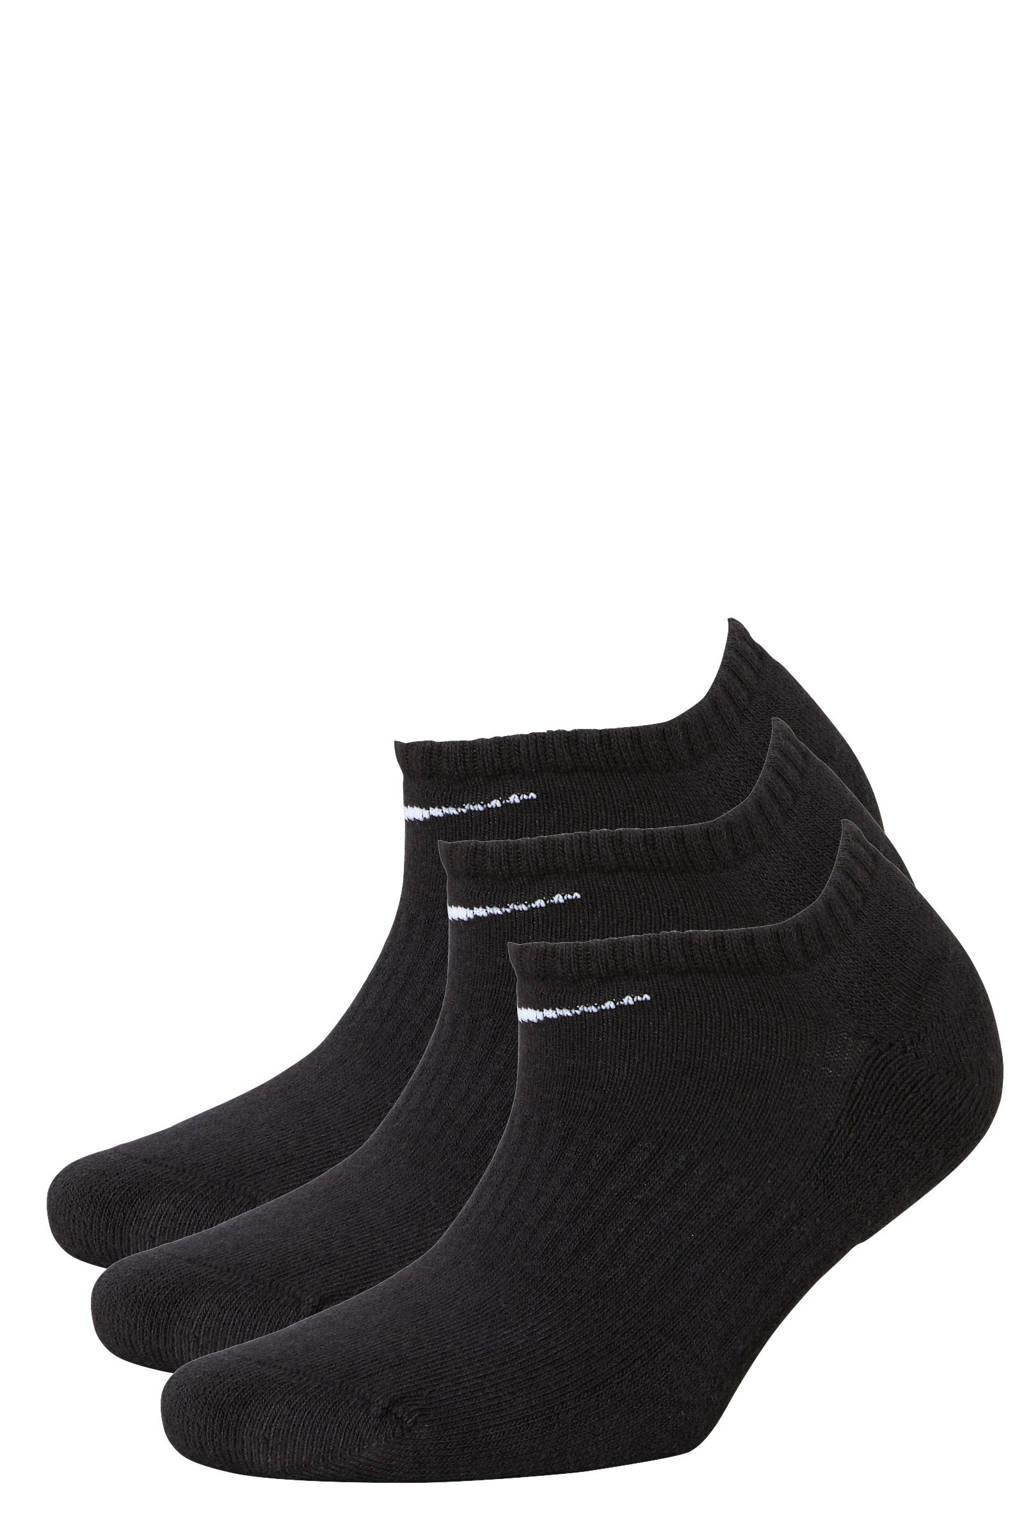 Nike   sportsokken - set van 3 wit/grijs/zwart, Zwart